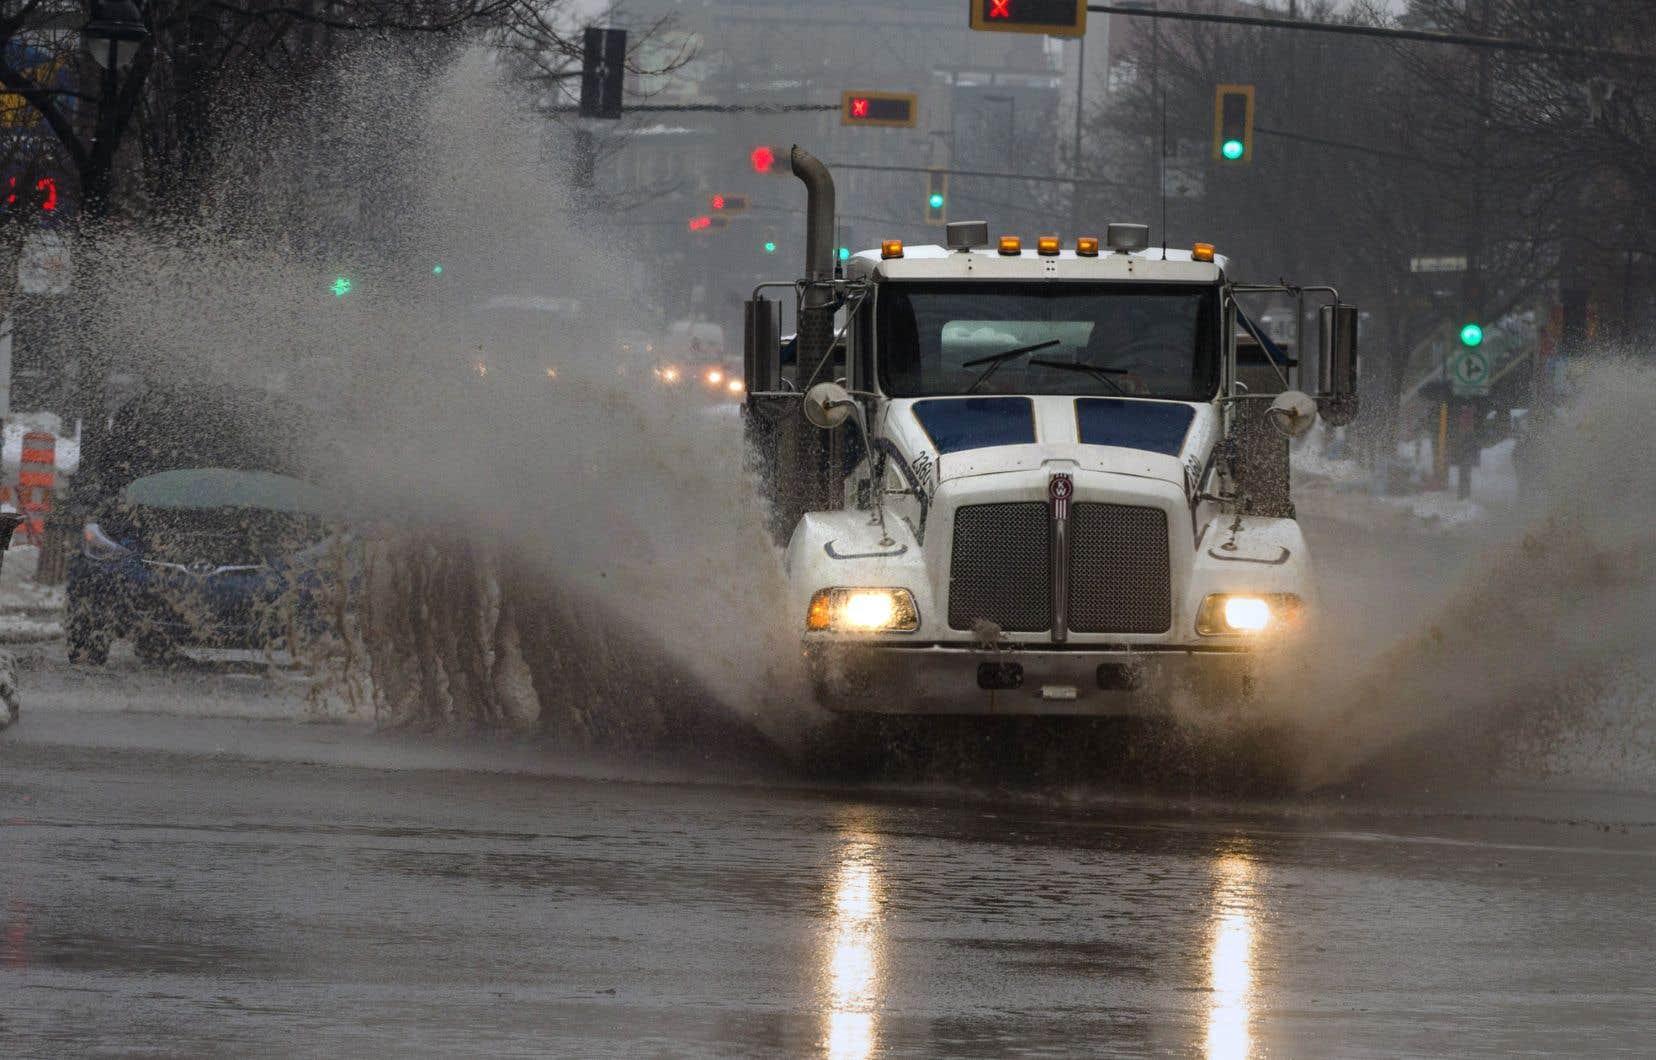 Les automobilistes sont invités à faire preuve de prudence: certaines routes sont glacées et glissantes par endroits. Les accumulations d'eau sur les voies rapides peuvent aussi provoquer des dérapages.